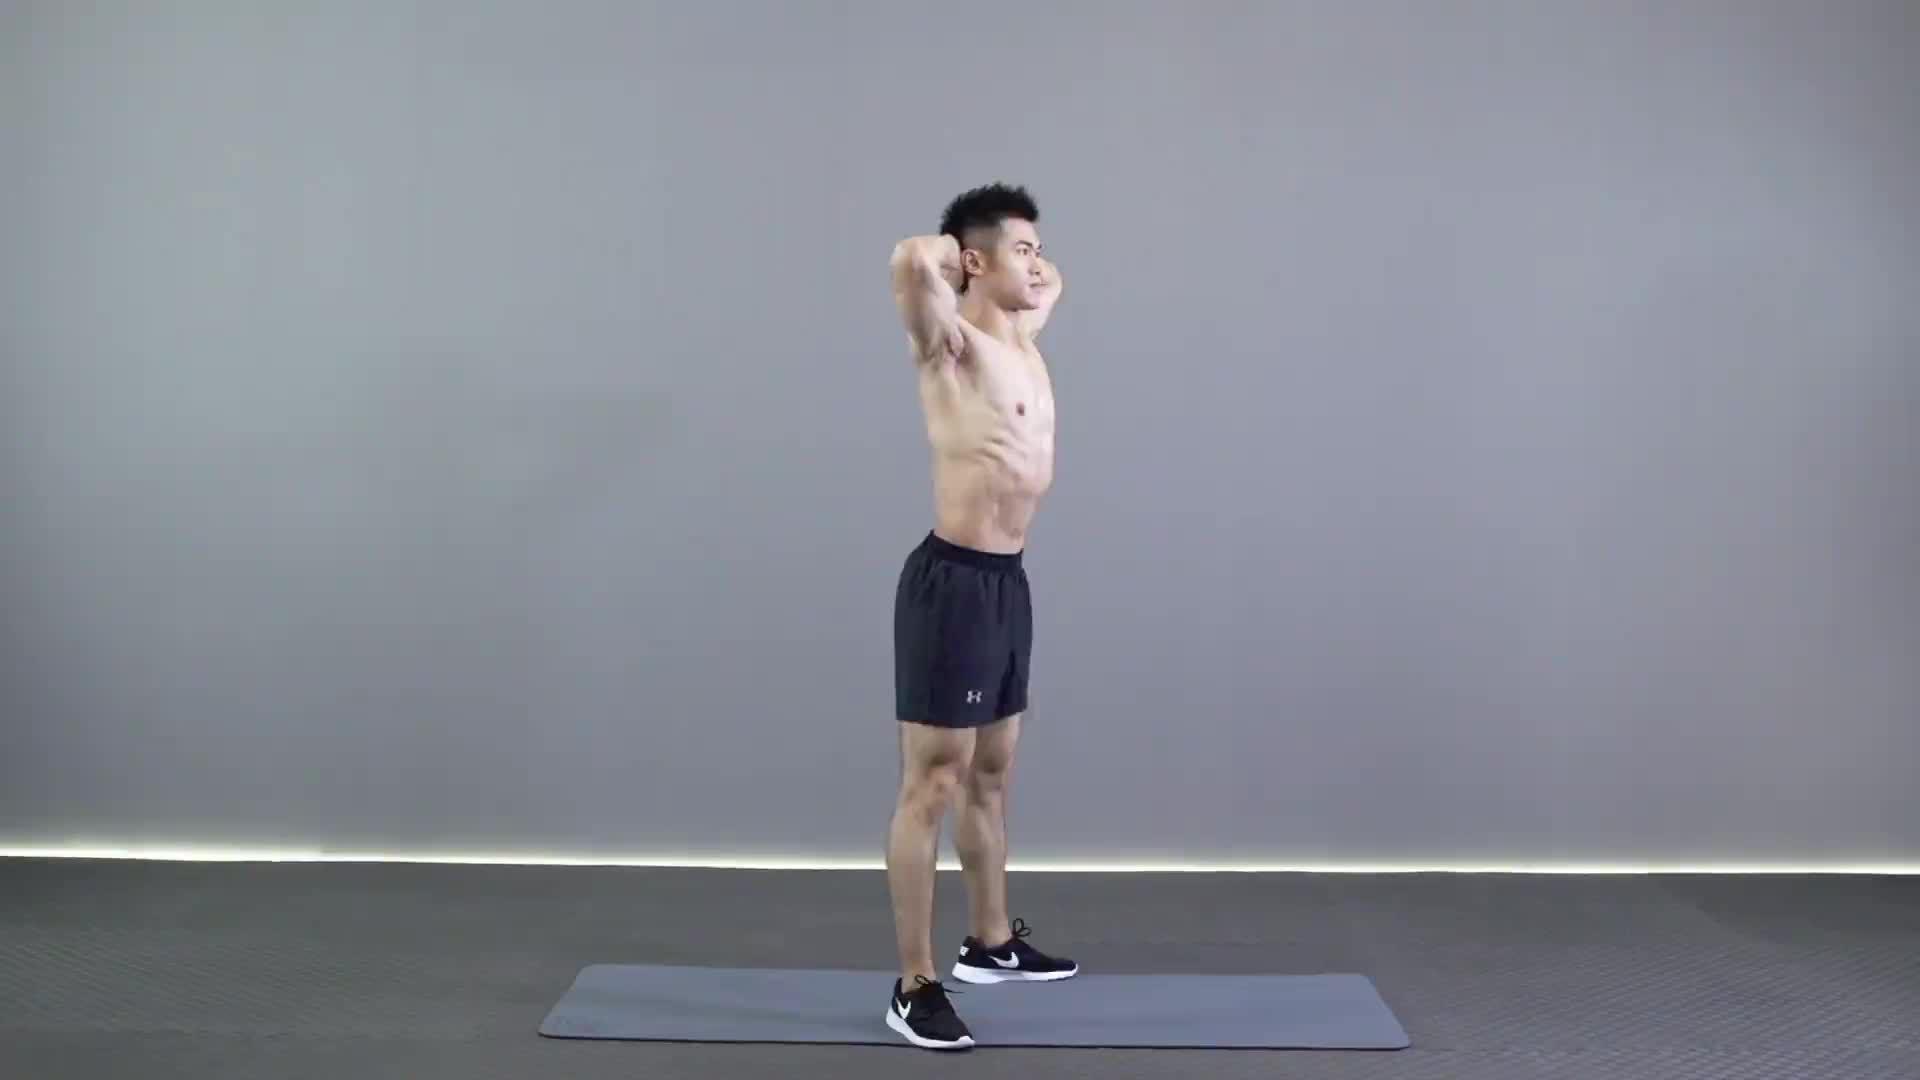 动作要领图                 1、挺胸收腹,收紧臀部         1、脚尖与膝盖保持同一方向,下蹲膝盖不要超过脚尖           主要肌肉示意图        抱头深蹲的动作要领 1、挺胸